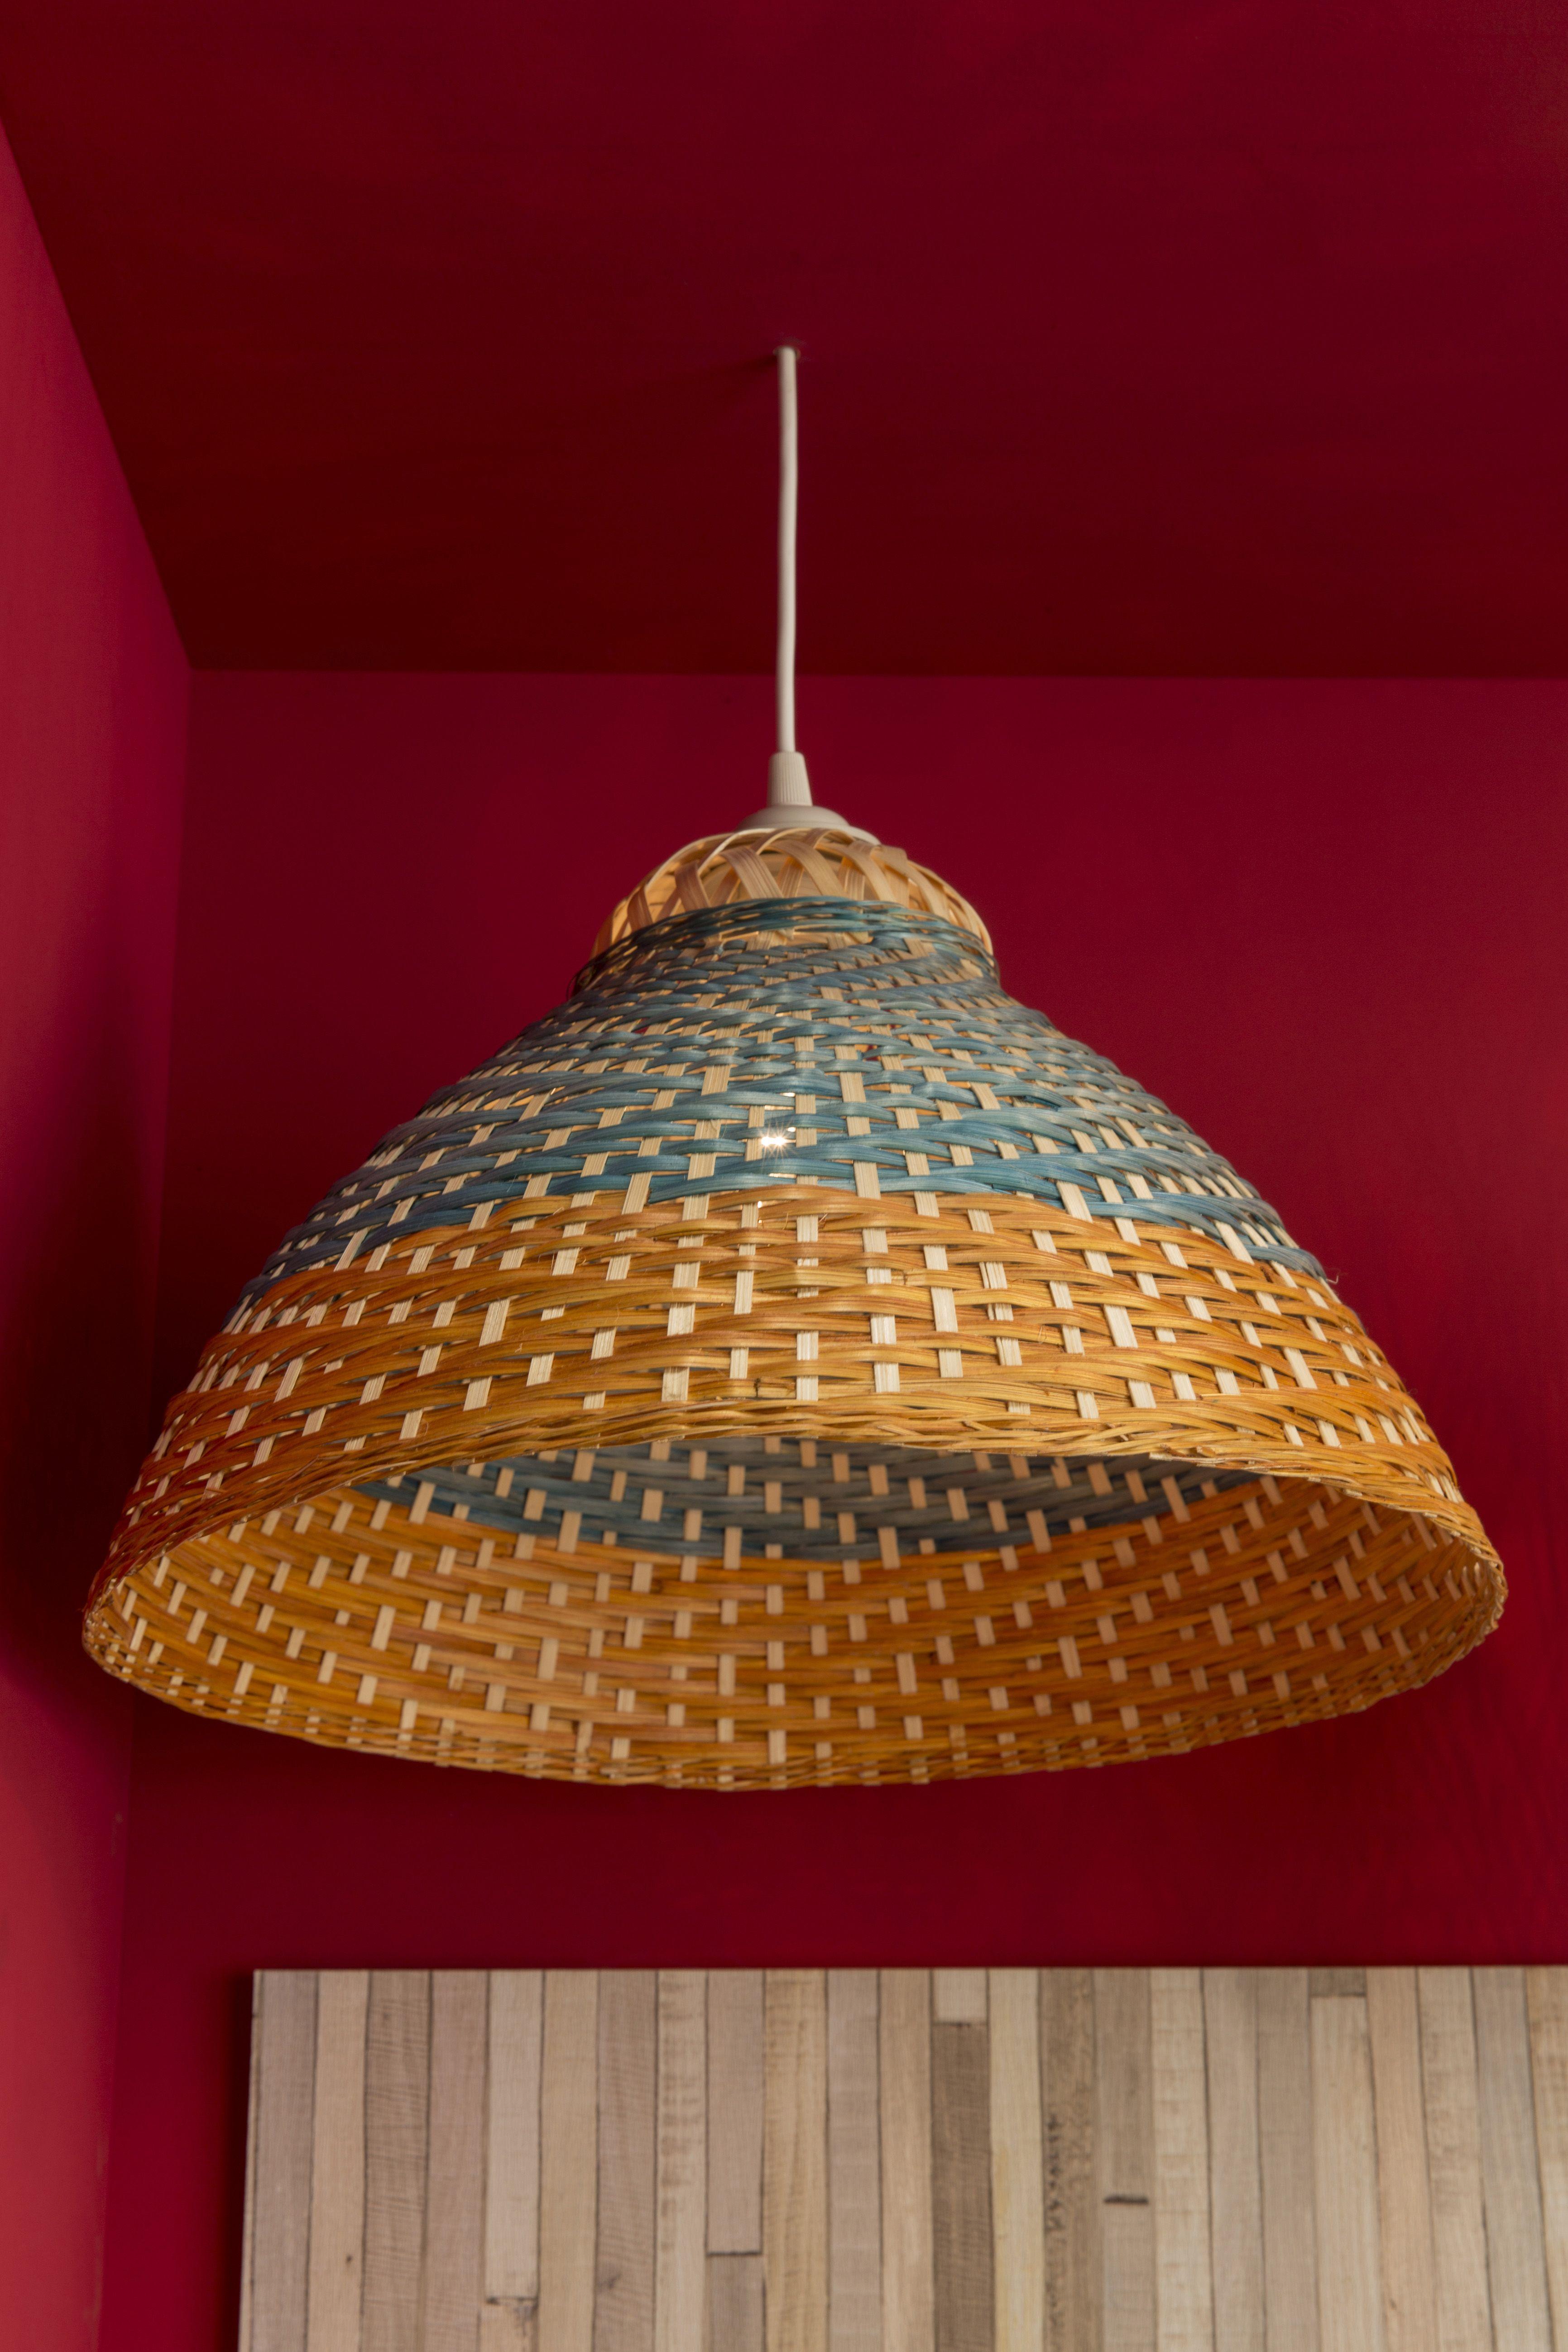 un lustre plafonnier en bambou orange et bleu pour une ambiance authentique lustre gypsetter. Black Bedroom Furniture Sets. Home Design Ideas